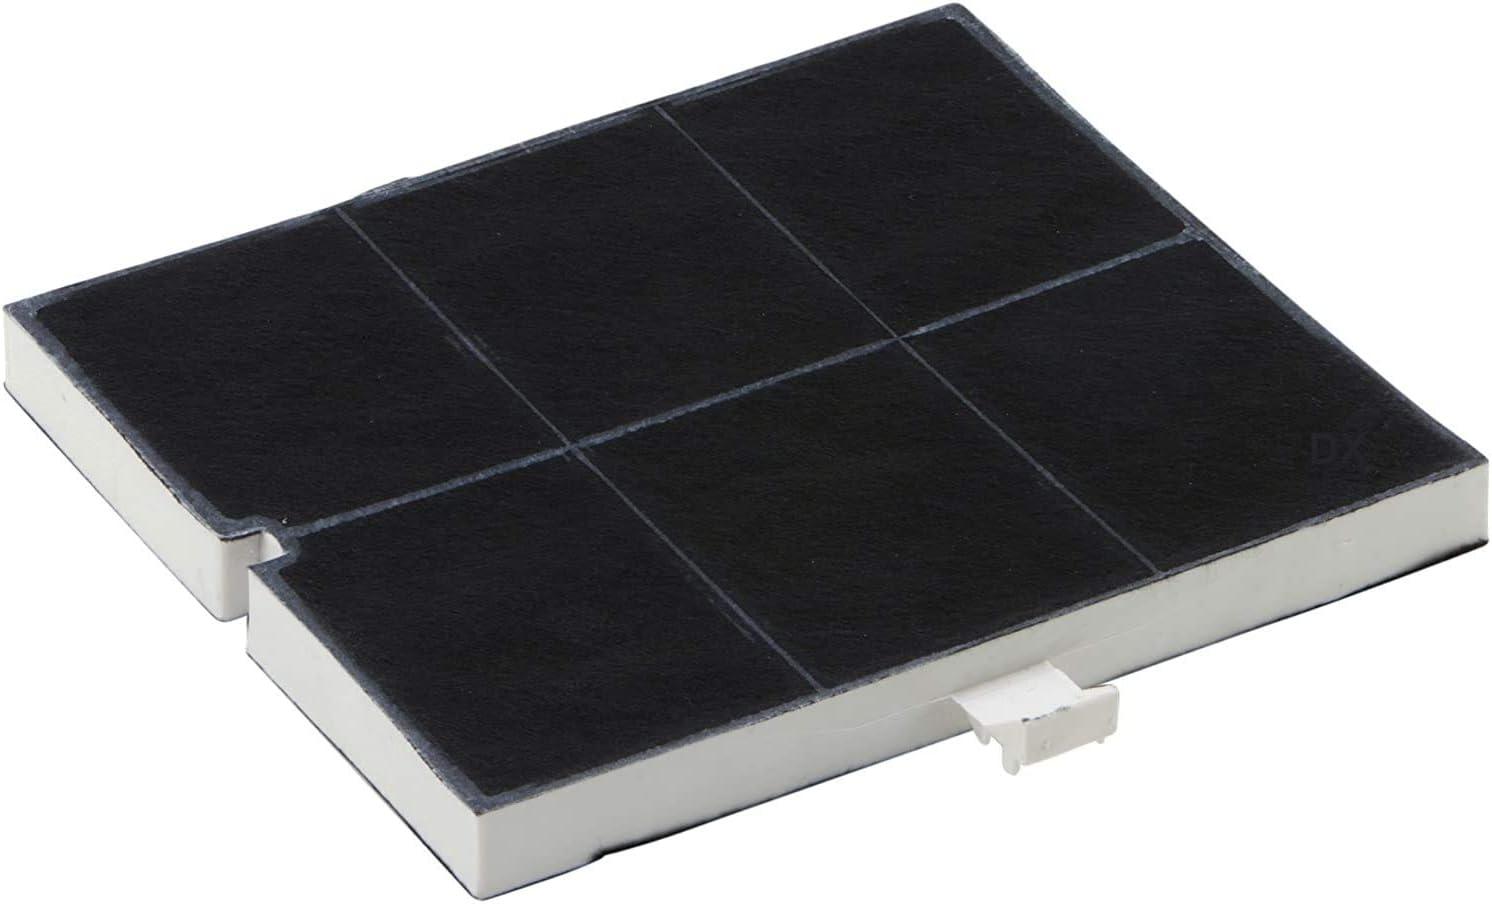 DREHFLEX - Filtro de carbón/filtro/filtro de carbón activo para diversos modelos de campana extractora/hauben/Essen de Balay/Bosch/Constructa/Neff/Junker + ruh/Siemens/Viva/Vorwerk etc. - Apta para pi